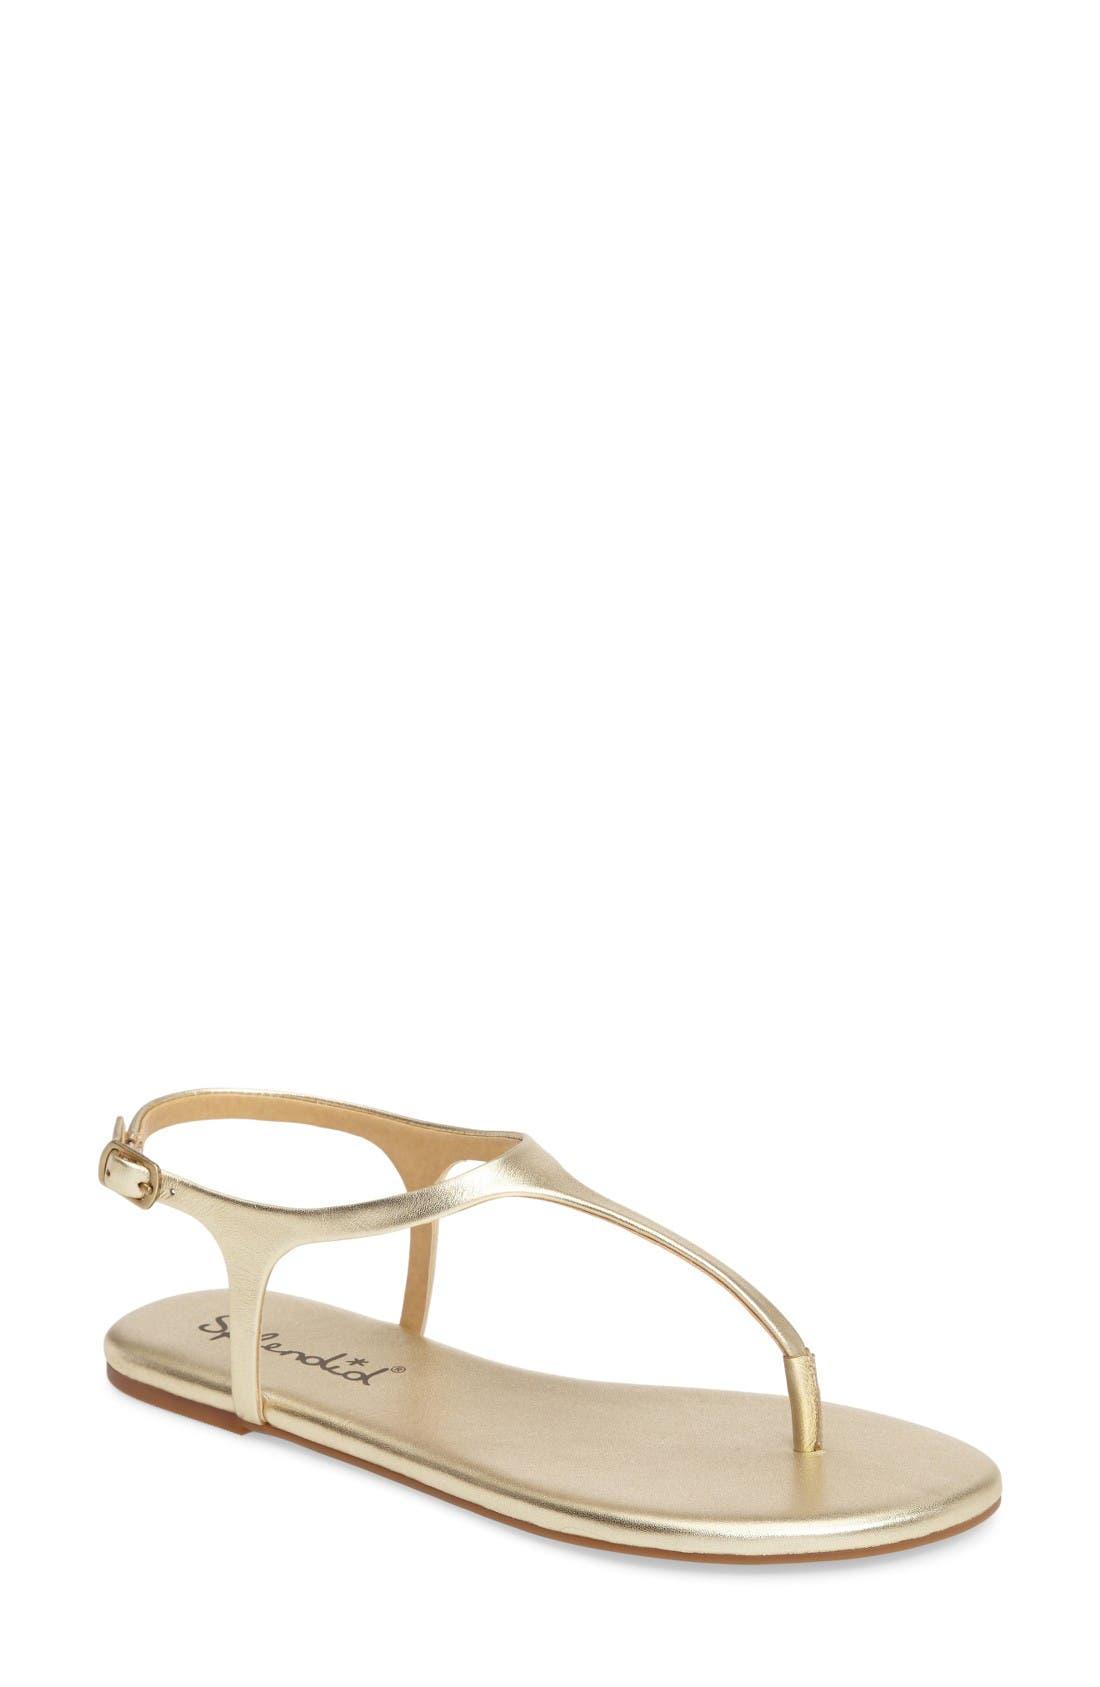 Alternate Image 1 Selected - Splendid 'Mason' Sandal